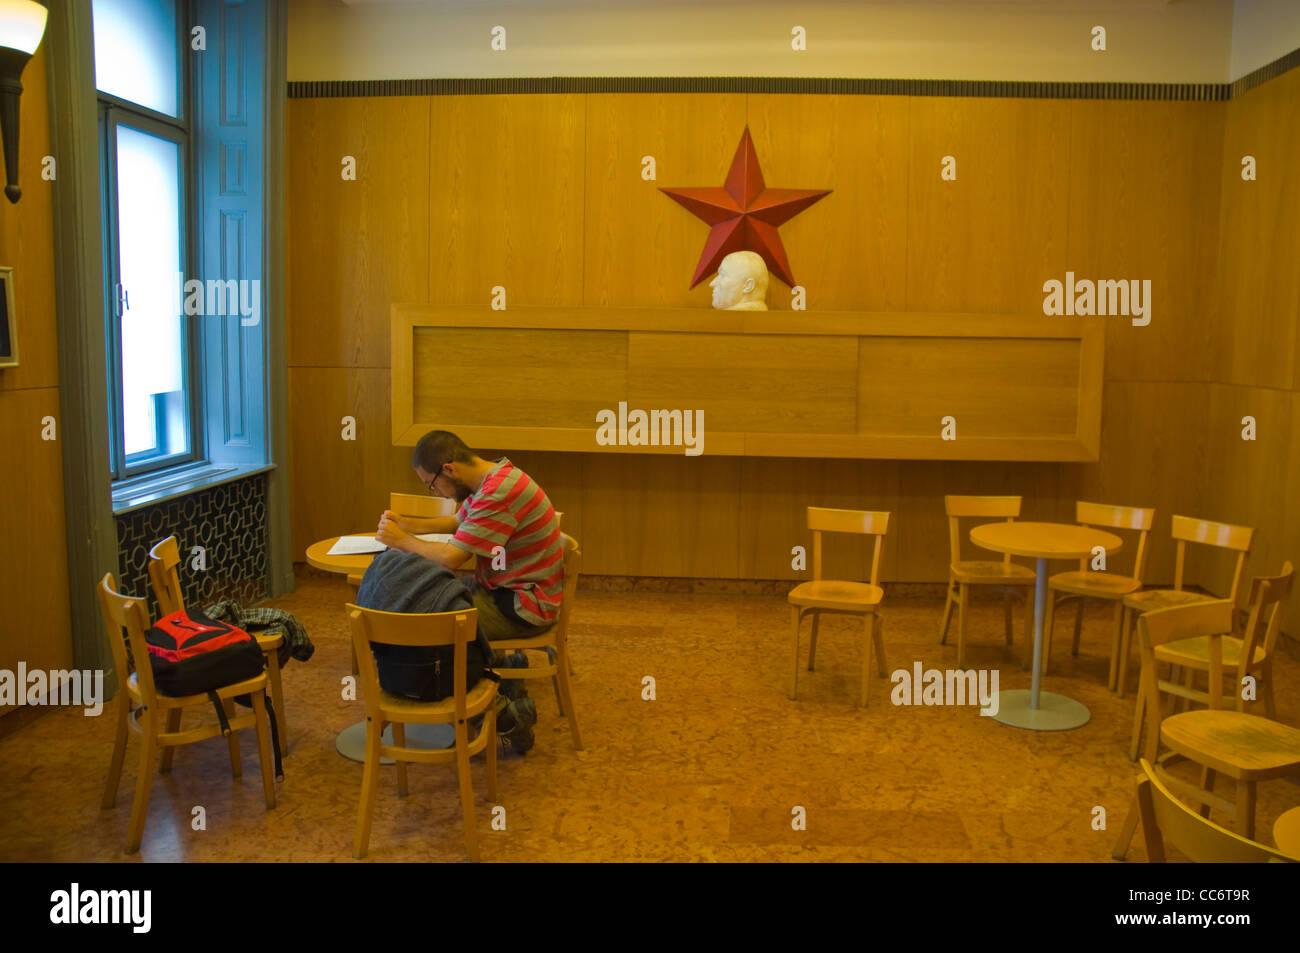 La terreur à l'intérieur salon Haza la Maison de la terreur des dictatures musée centre de Budapest Photo Stock